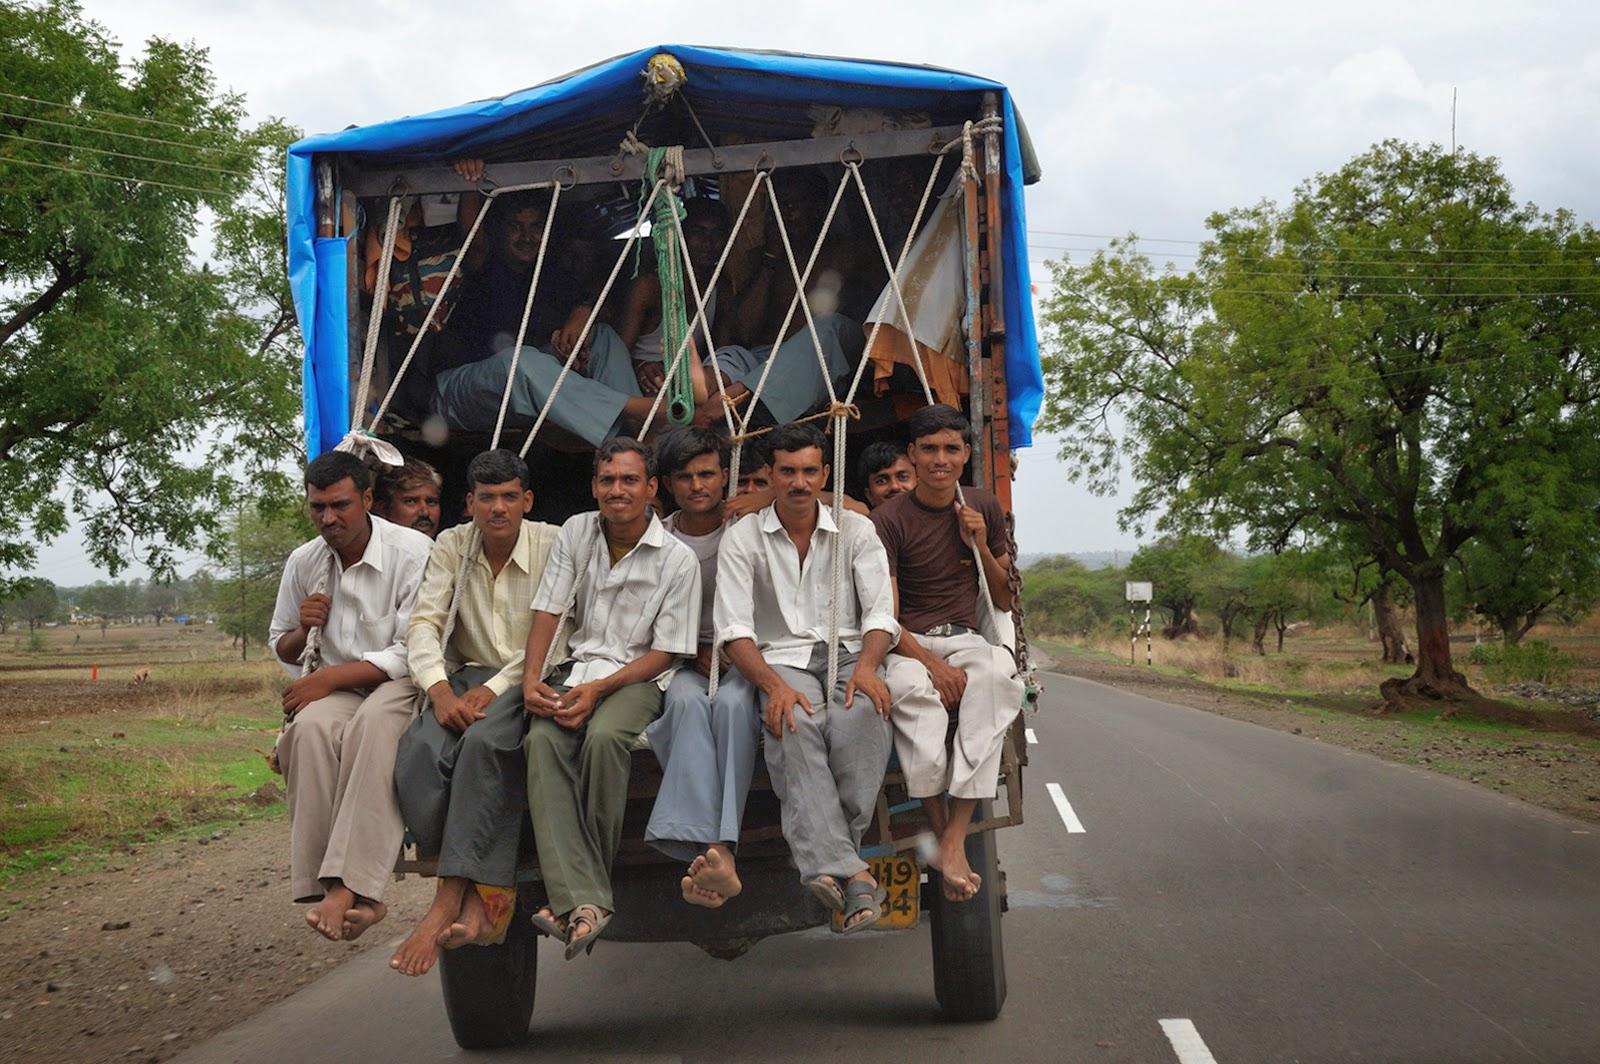 Classic Indiastreet